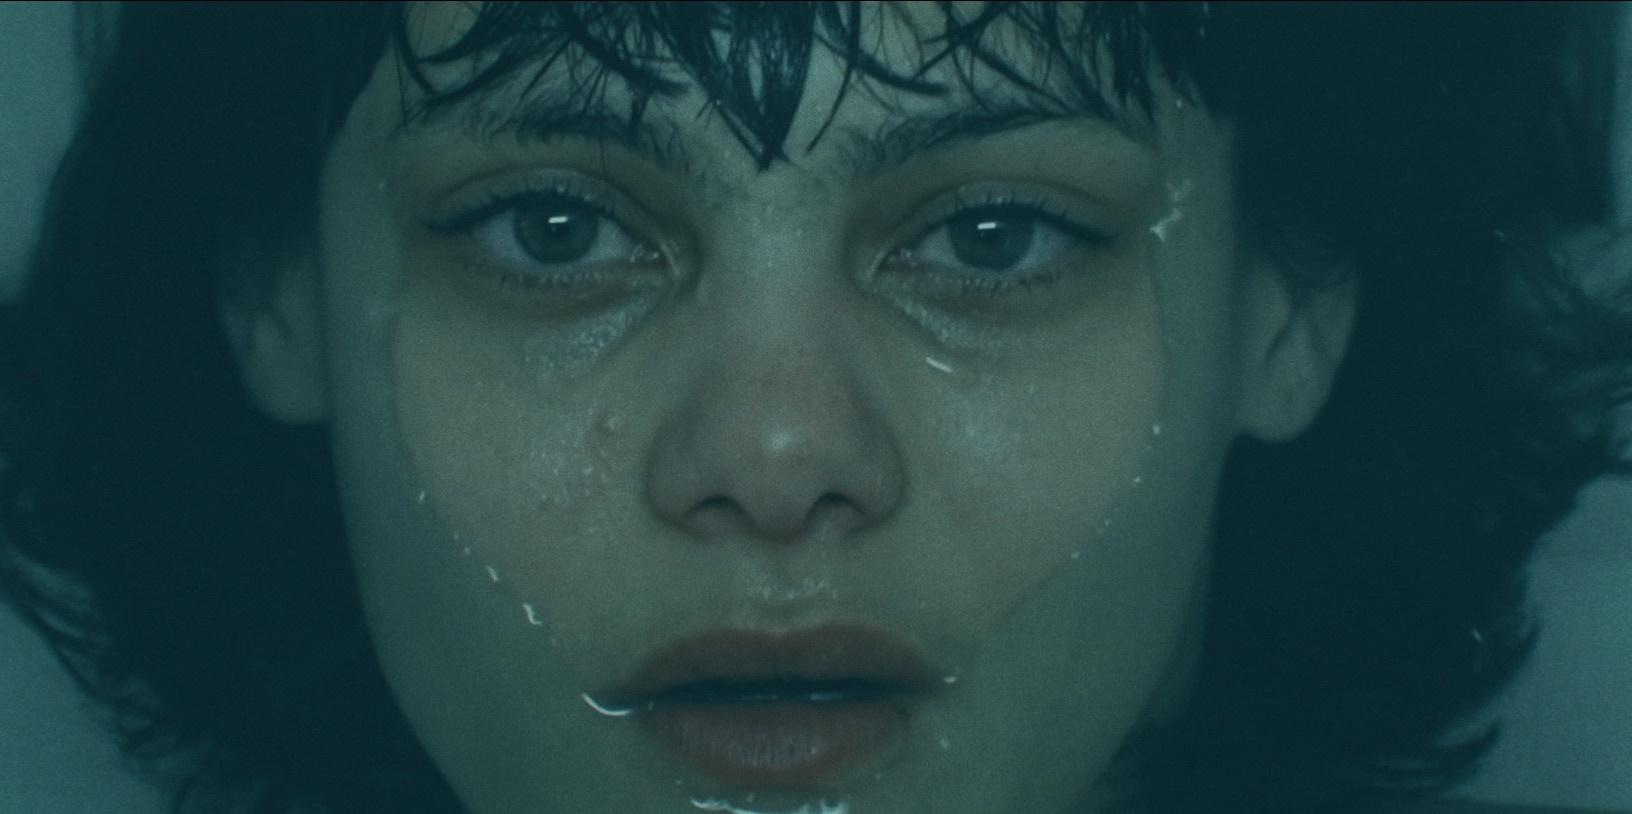 В FMV-триллере Lost Lies мы будем расследовать давно забытые самоубийства